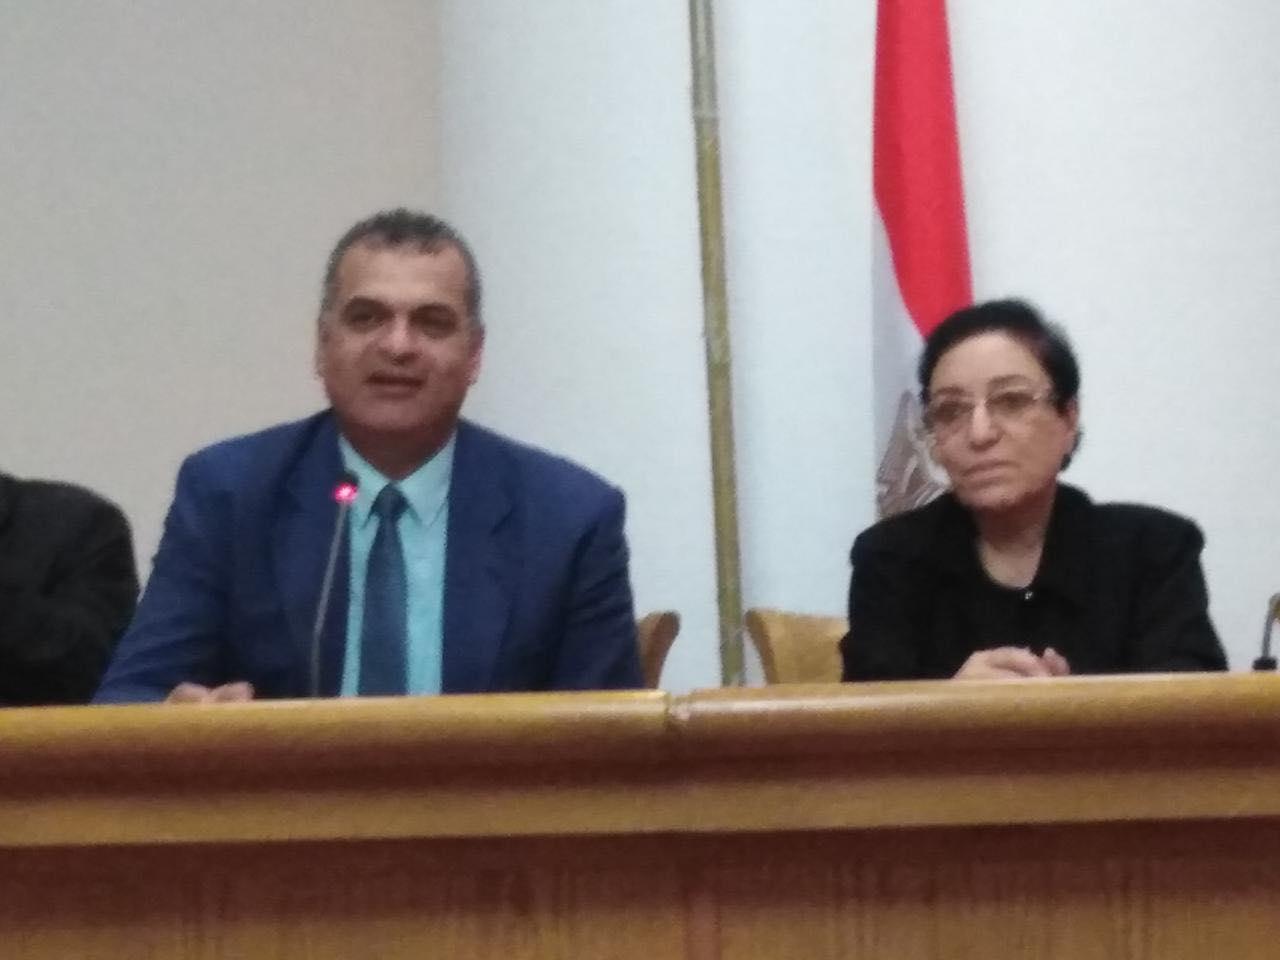 مهرجان أيام القاهرة الدولي للمونودراما يكشف عن فعالياته ويهدي دورته الرابعة لاسم دكتور حسن عطية